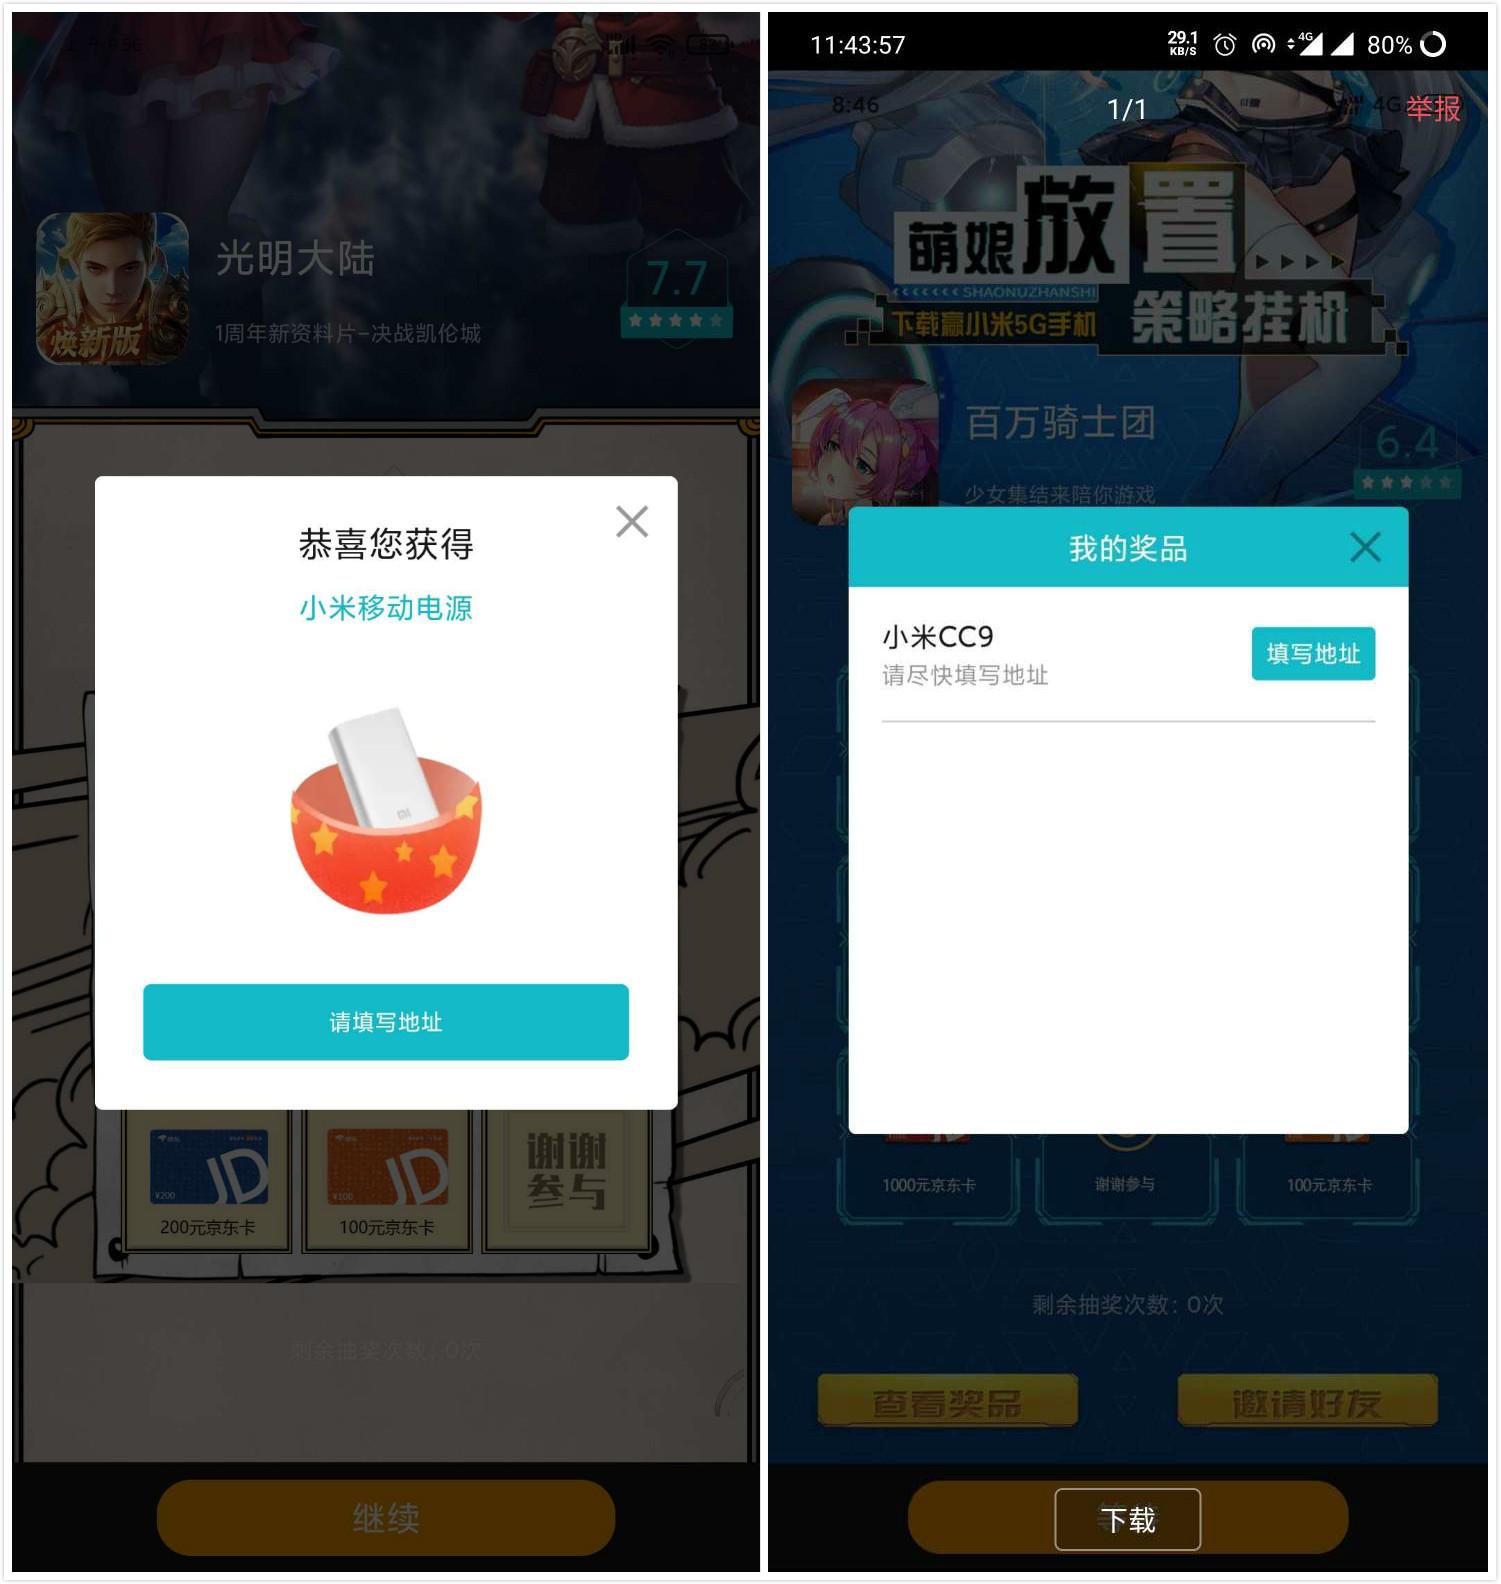 小米手机游戏中心下载游戏抽实物